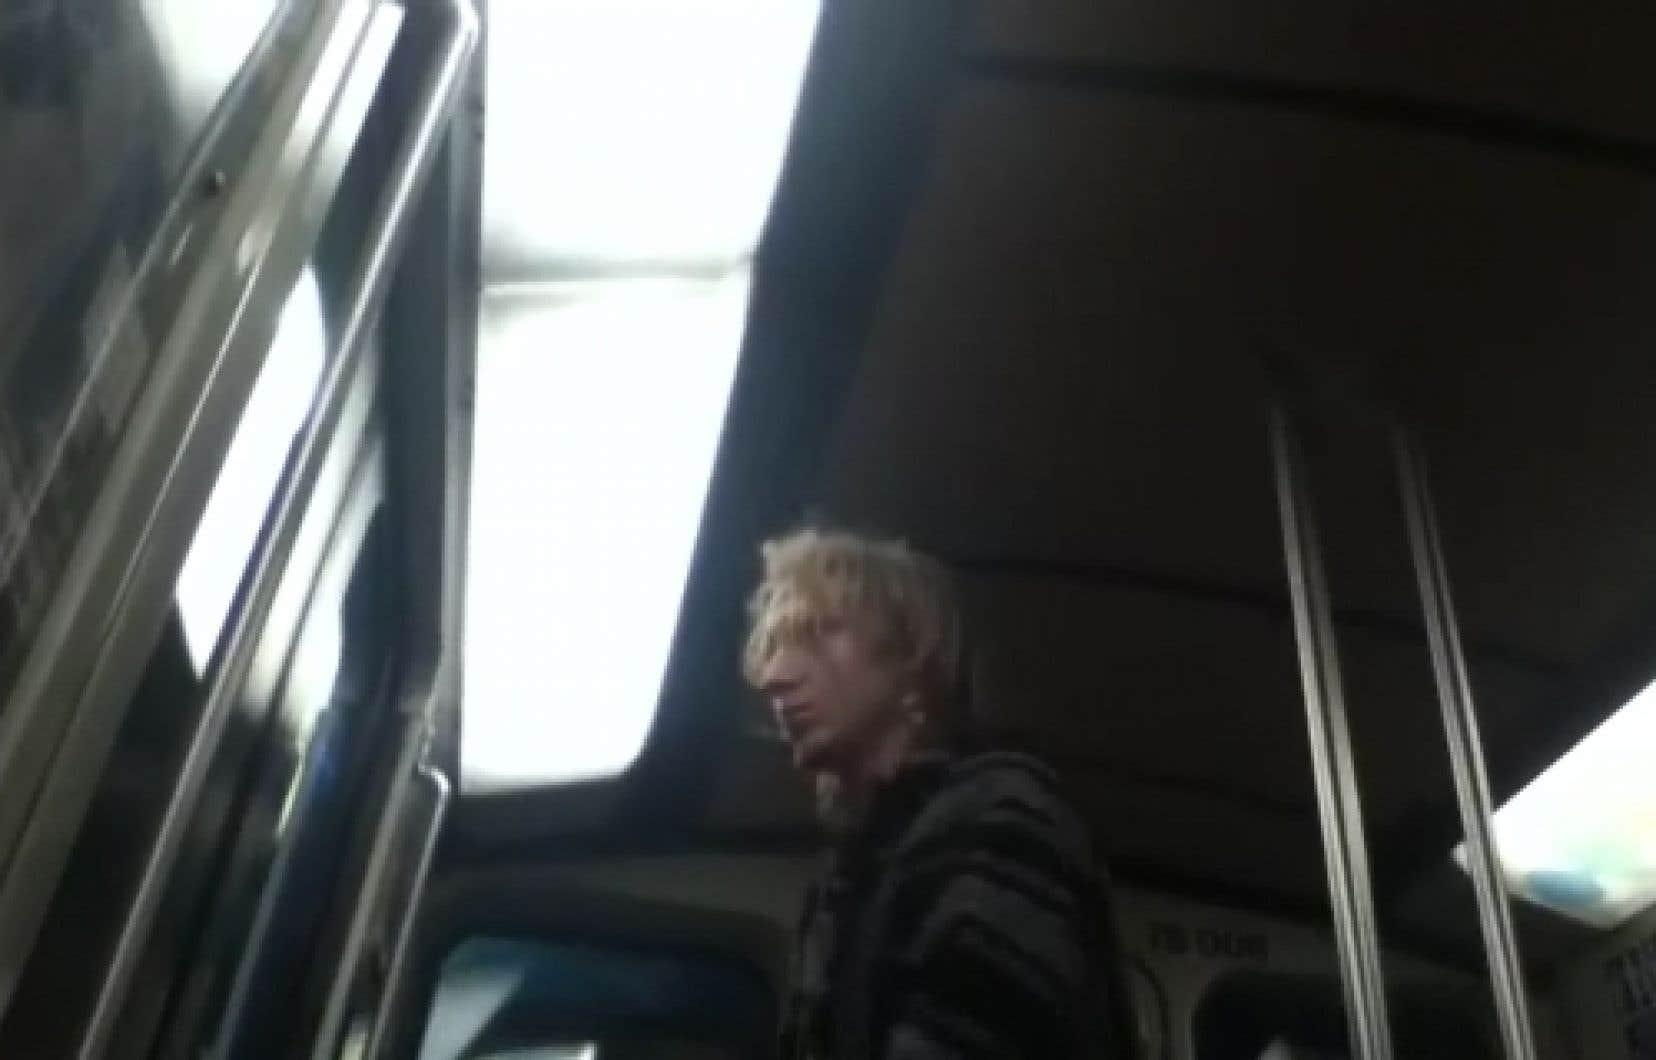 Le SPVM a rendu public des photos de présumés suspects impliqués dans les événements du métro.